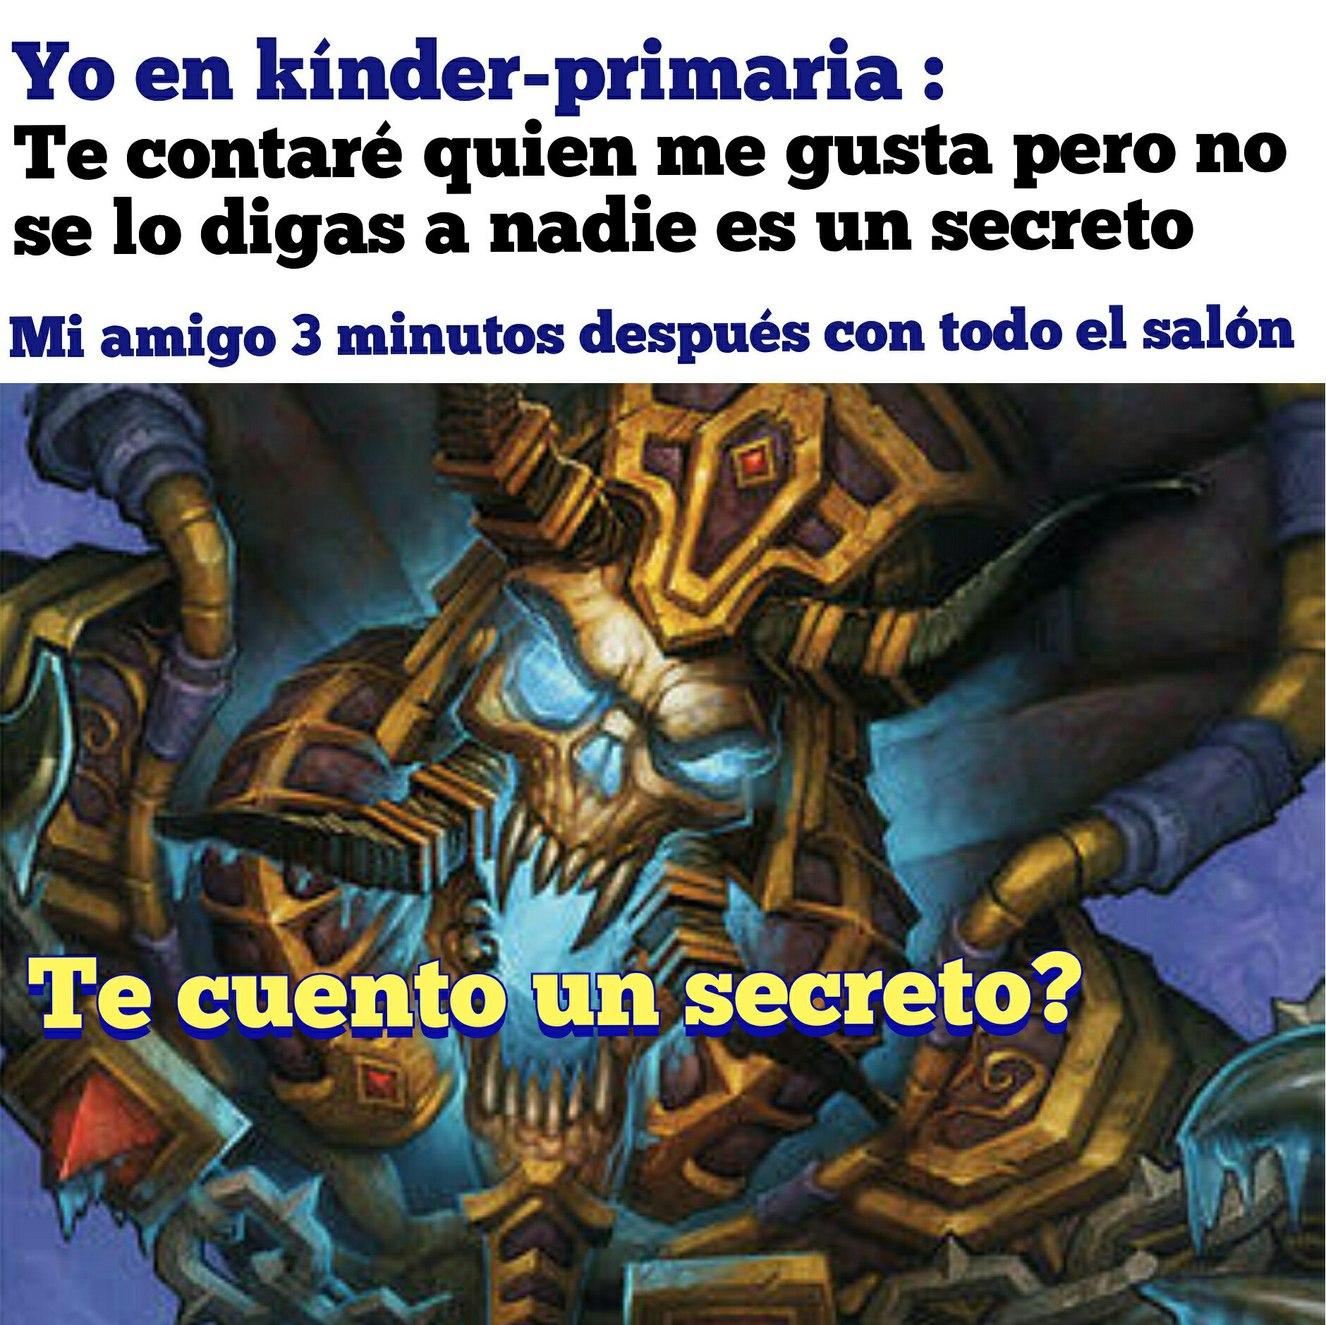 Te cuento un secreto? - meme